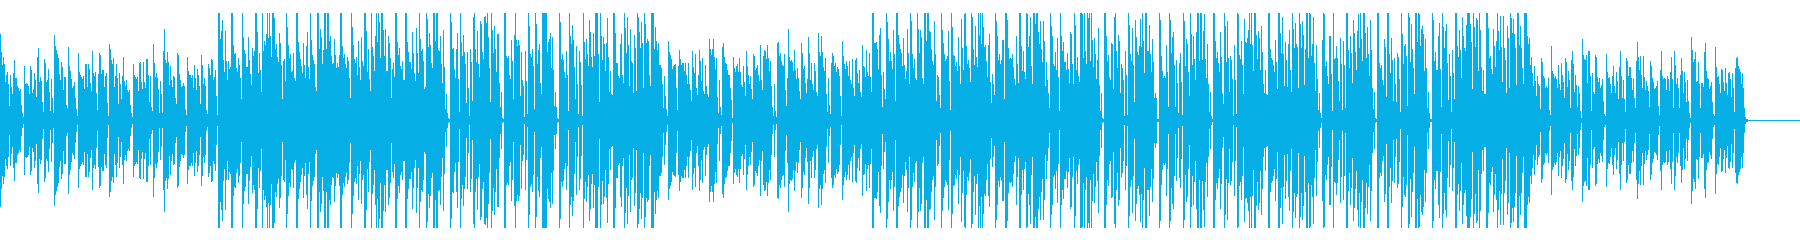 切ないピアノ伴奏 トラップ風BGMの再生済みの波形